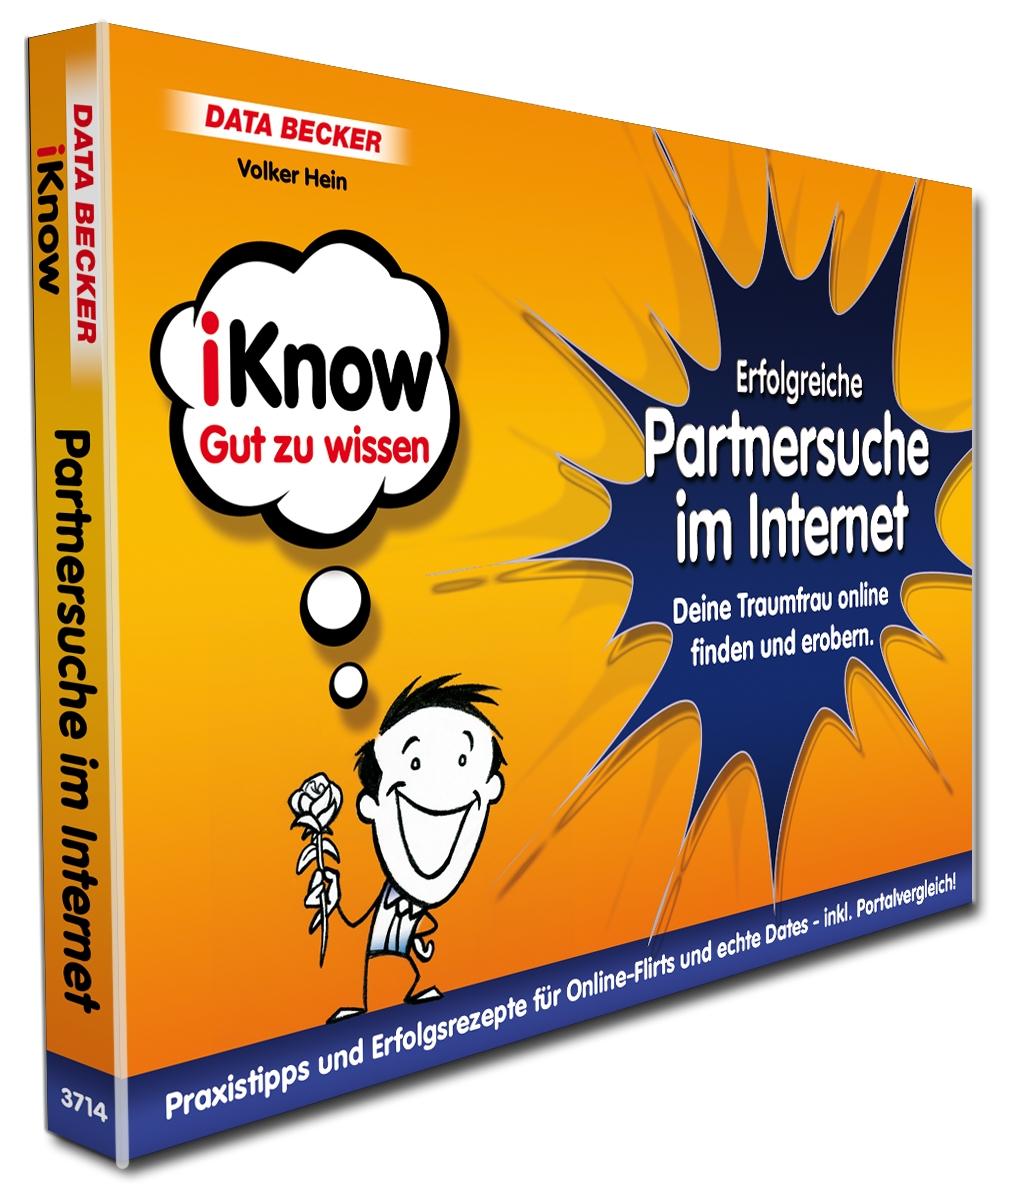 iKnow Erfolgreiche Partnersuche im Internet: Fl...